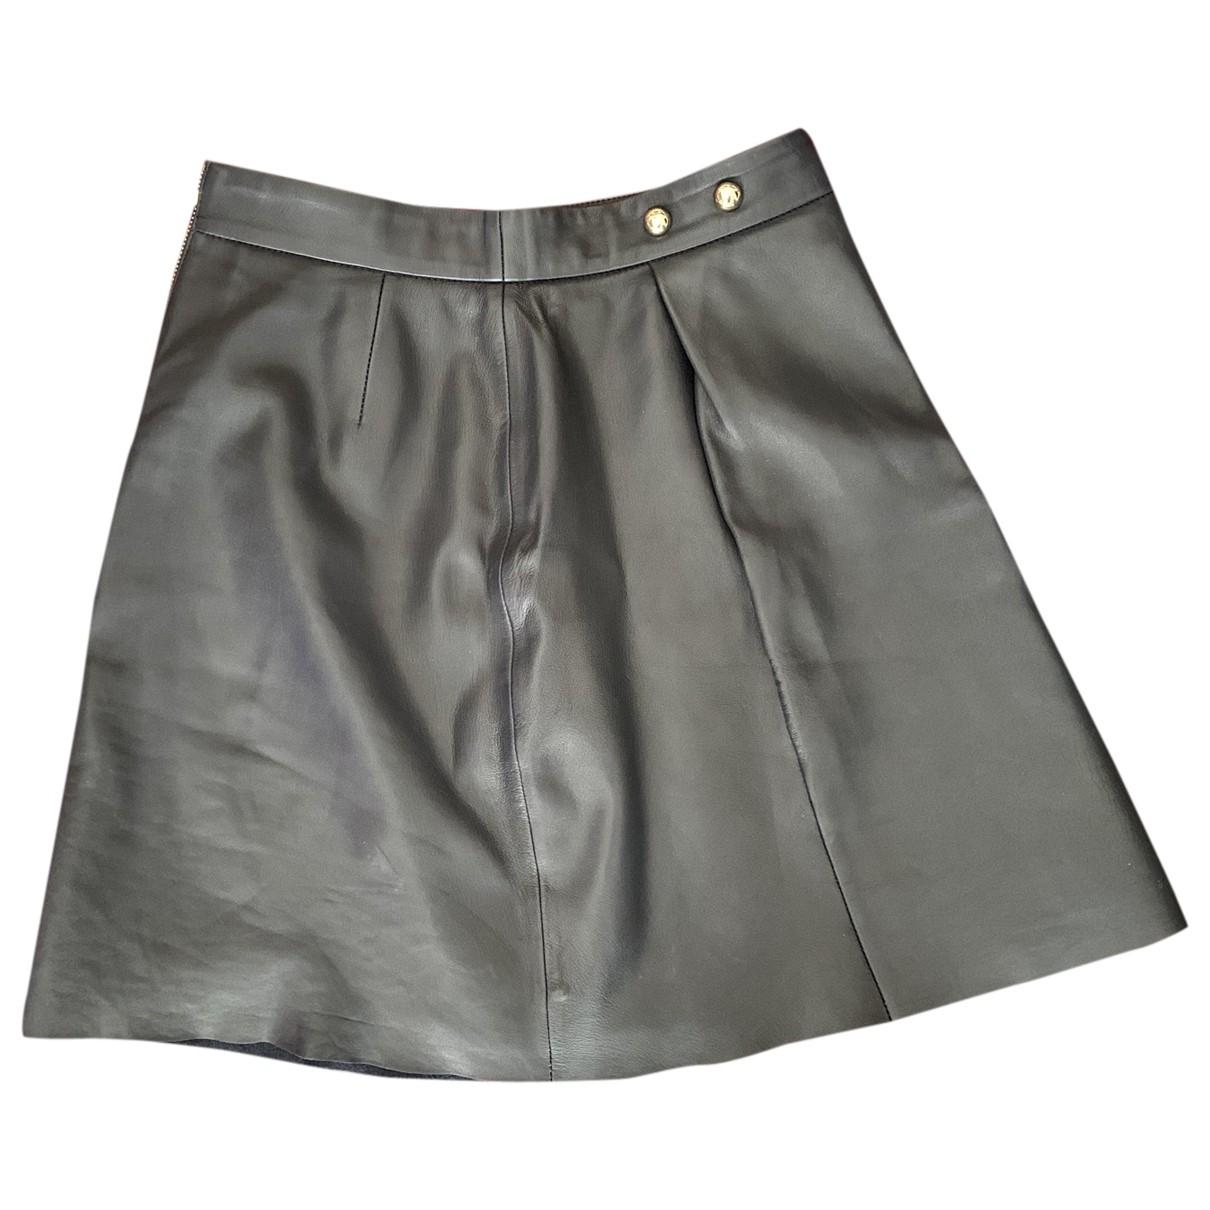 Pablo \N Black Leather skirt for Women 34 FR